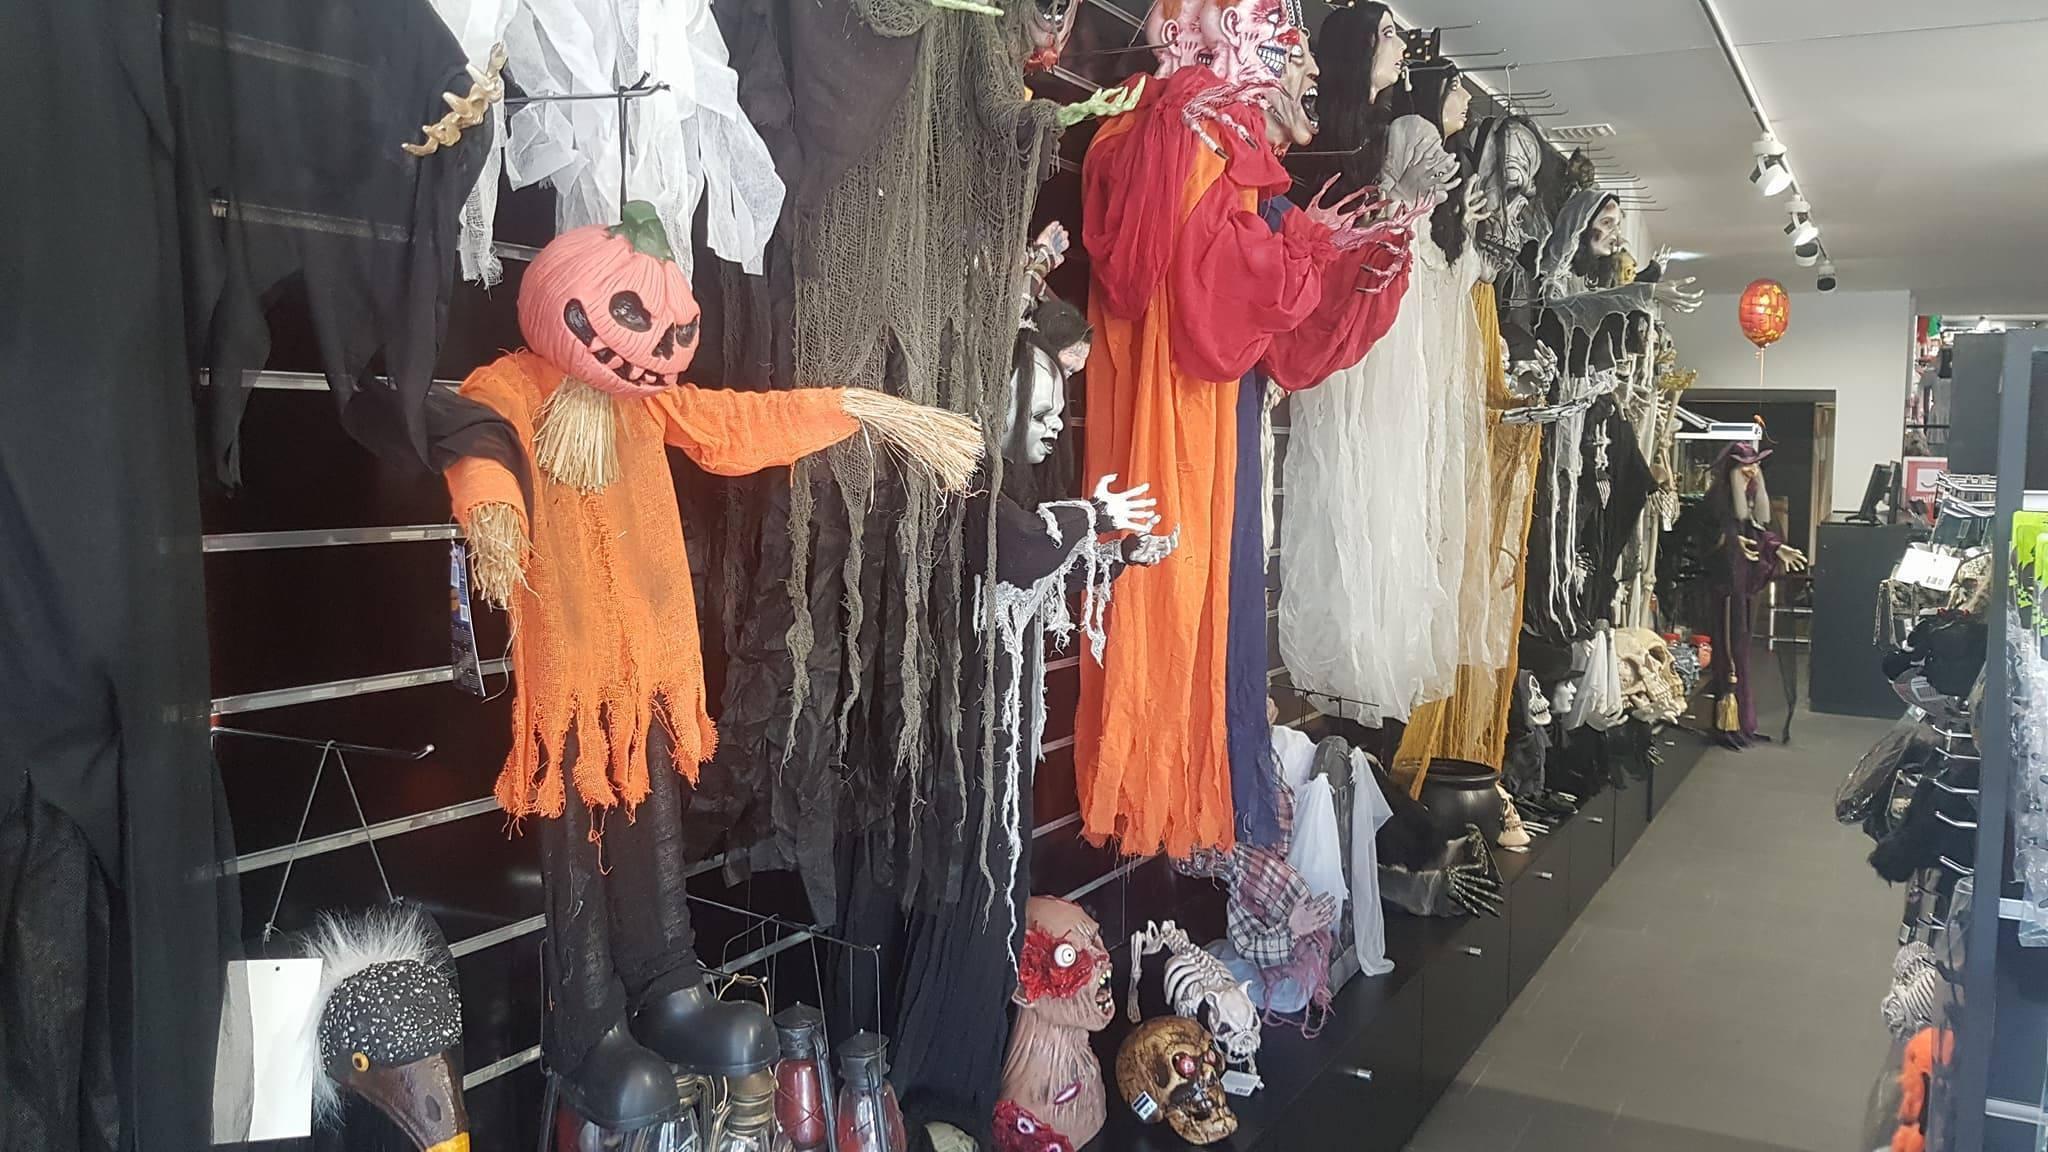 Na Mascarilha há muitos disfarces para o Dia das Bruxas